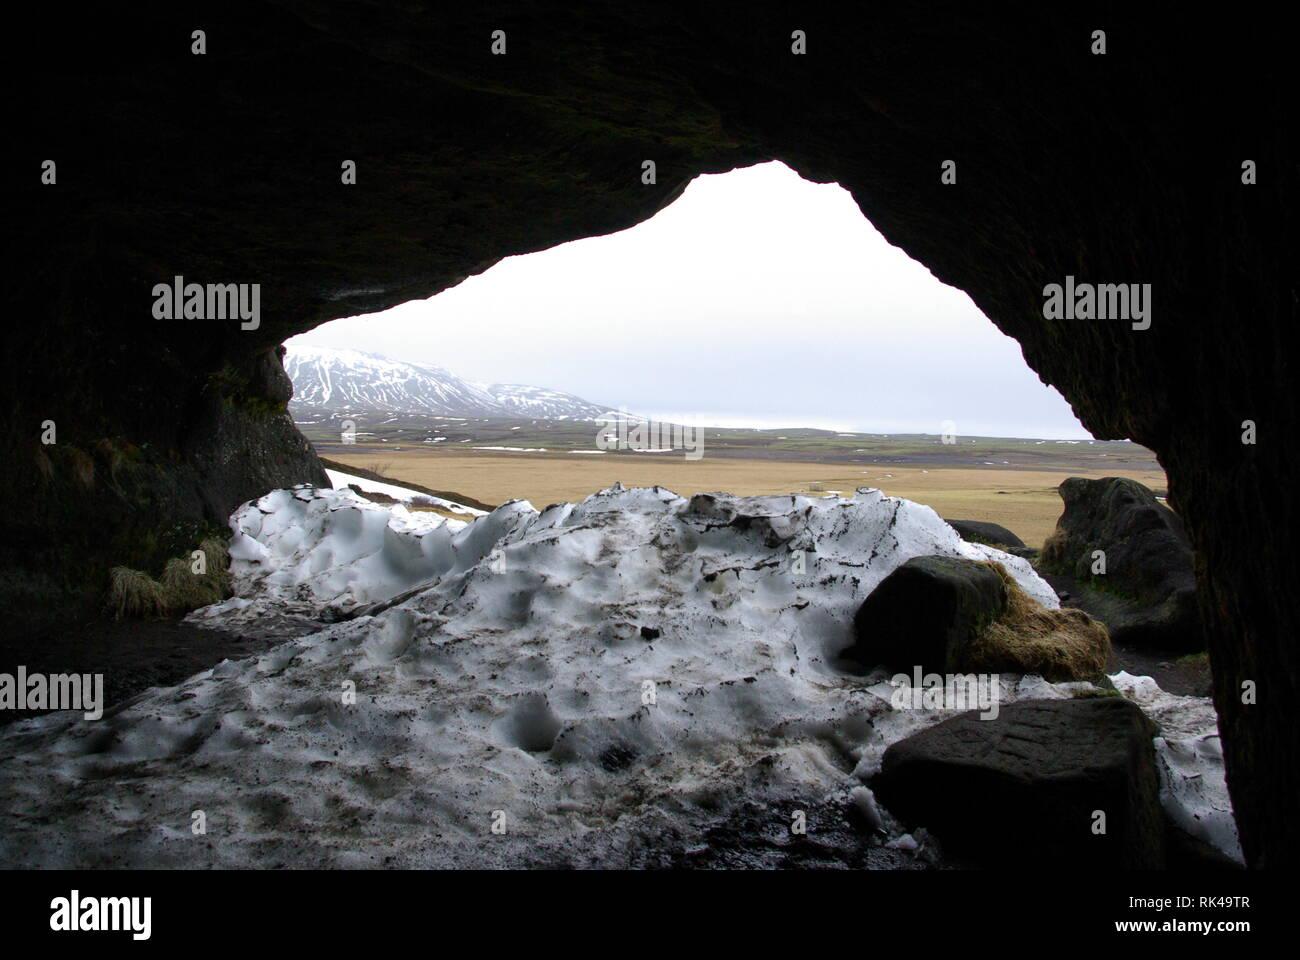 Blick aus einer Höhle in die Landschaft - Stock Image